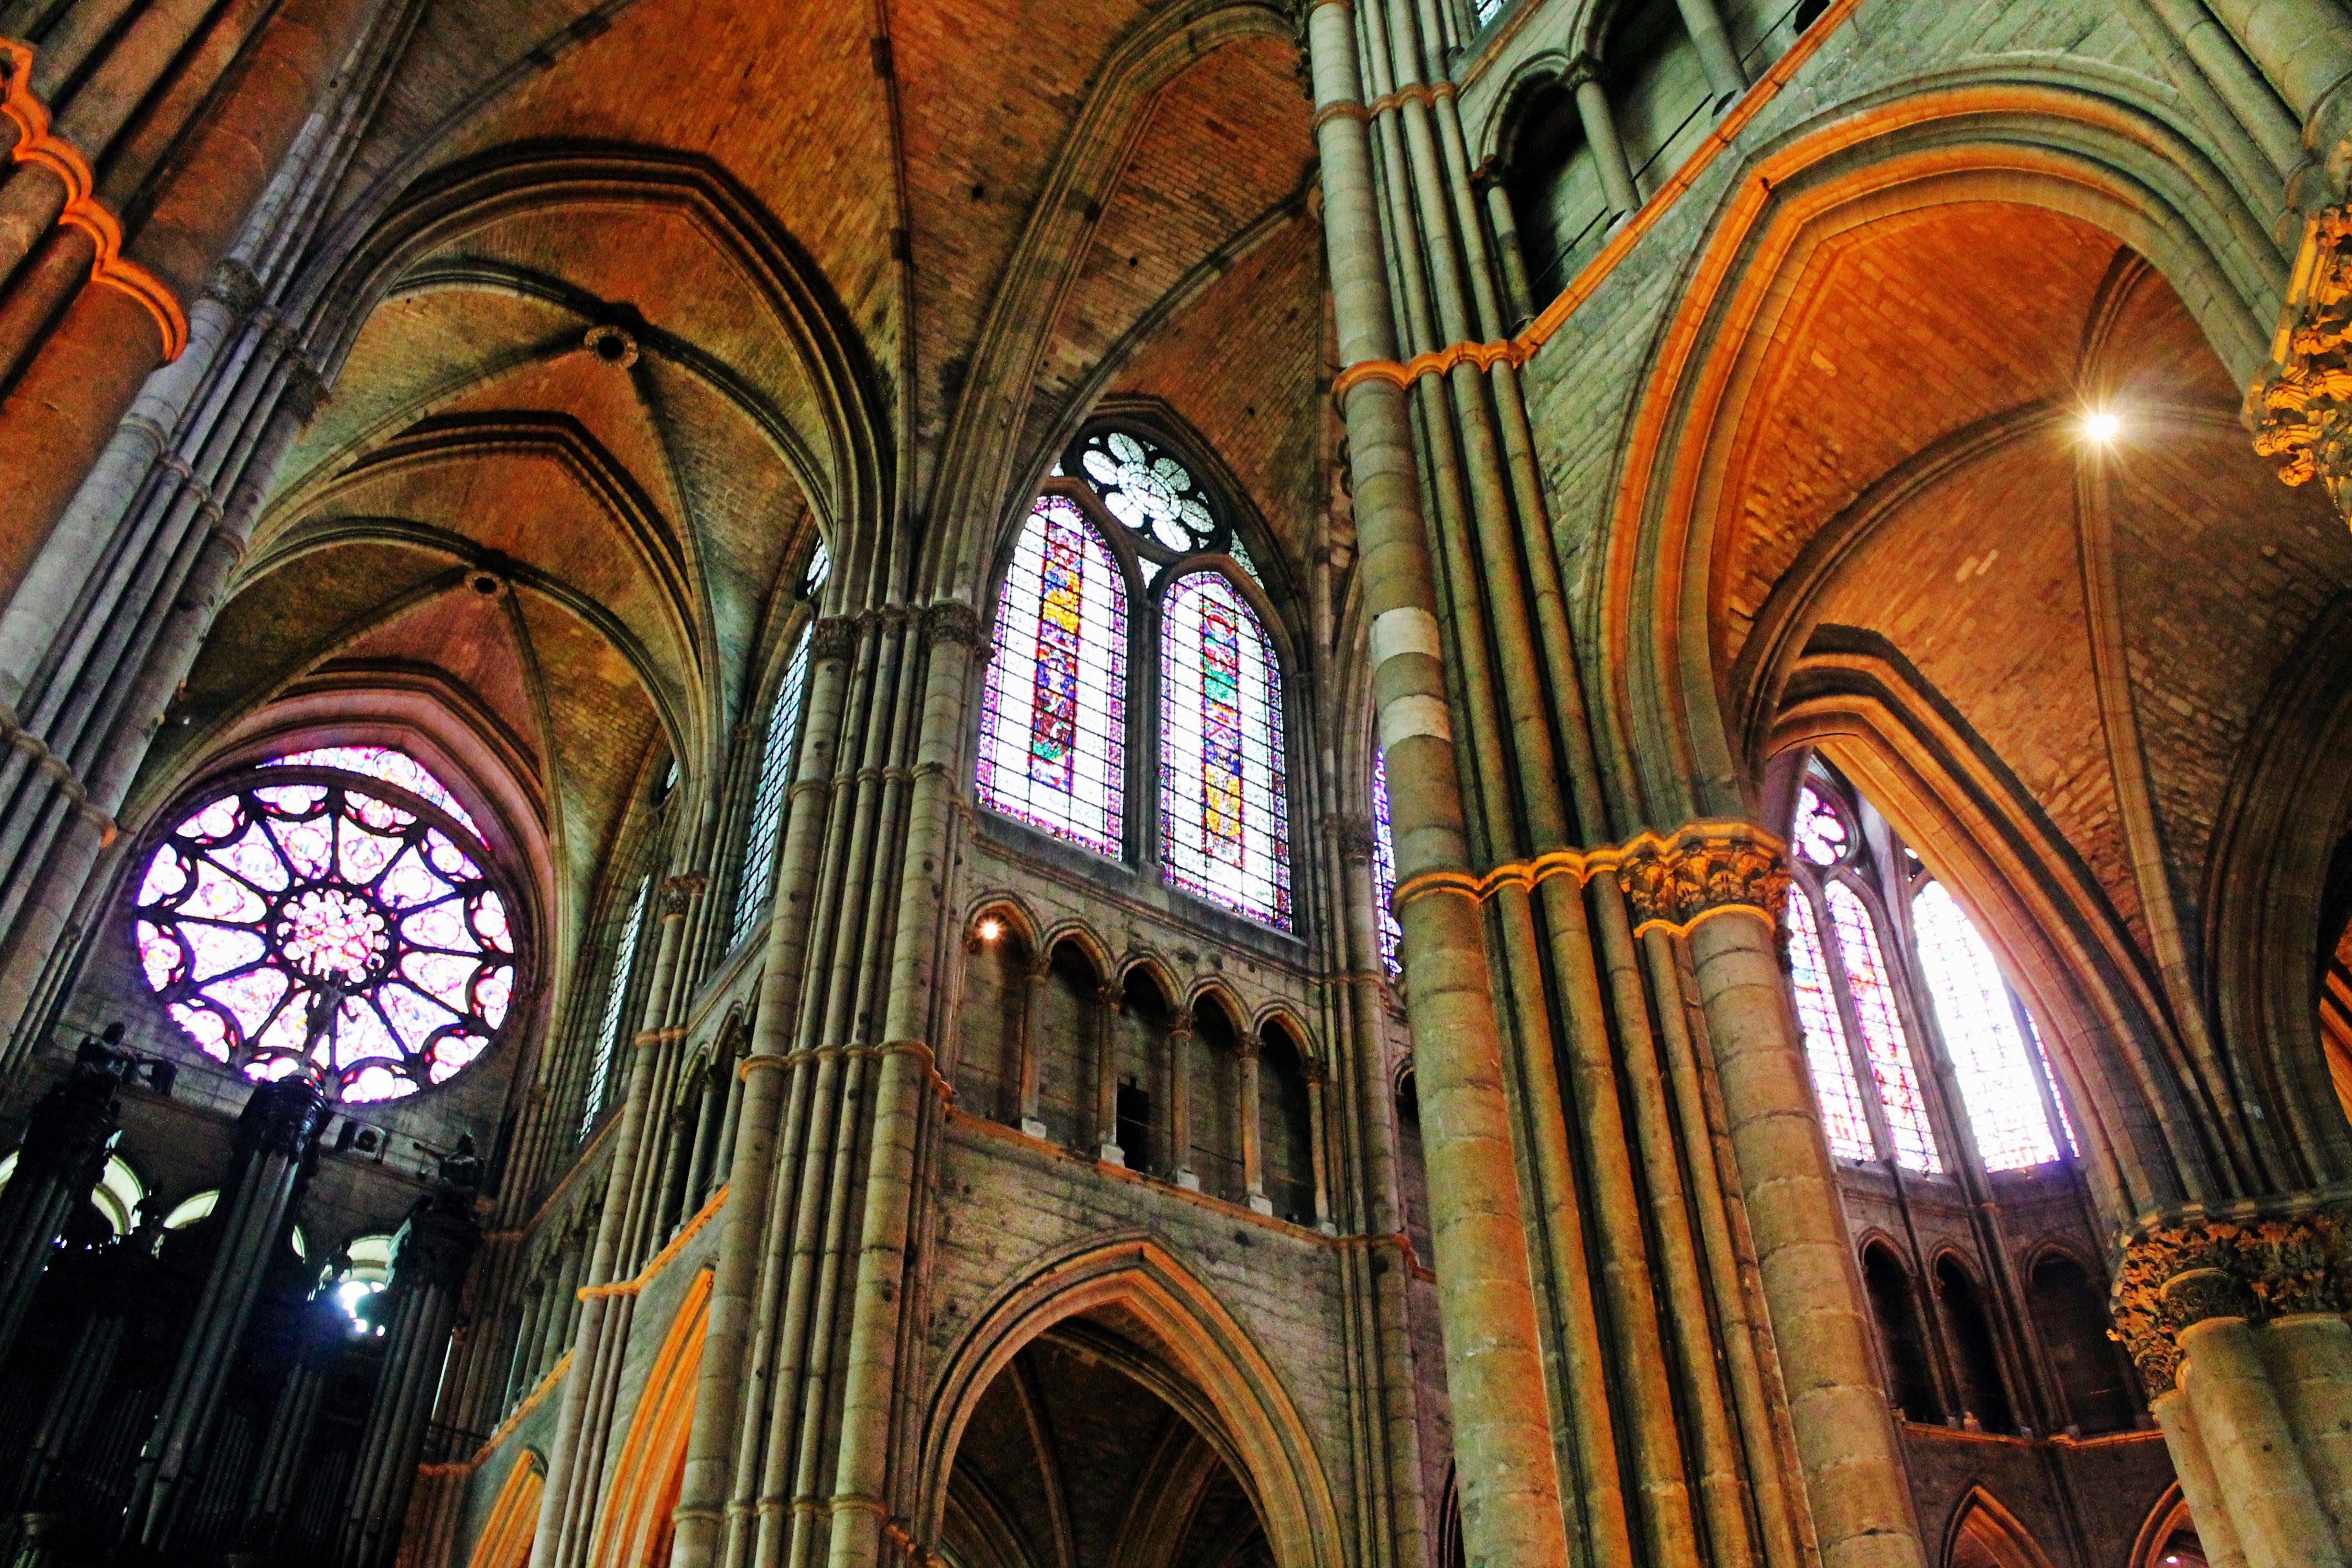 Visitar Reims: 10 coisas a fazer na capital do champanhe